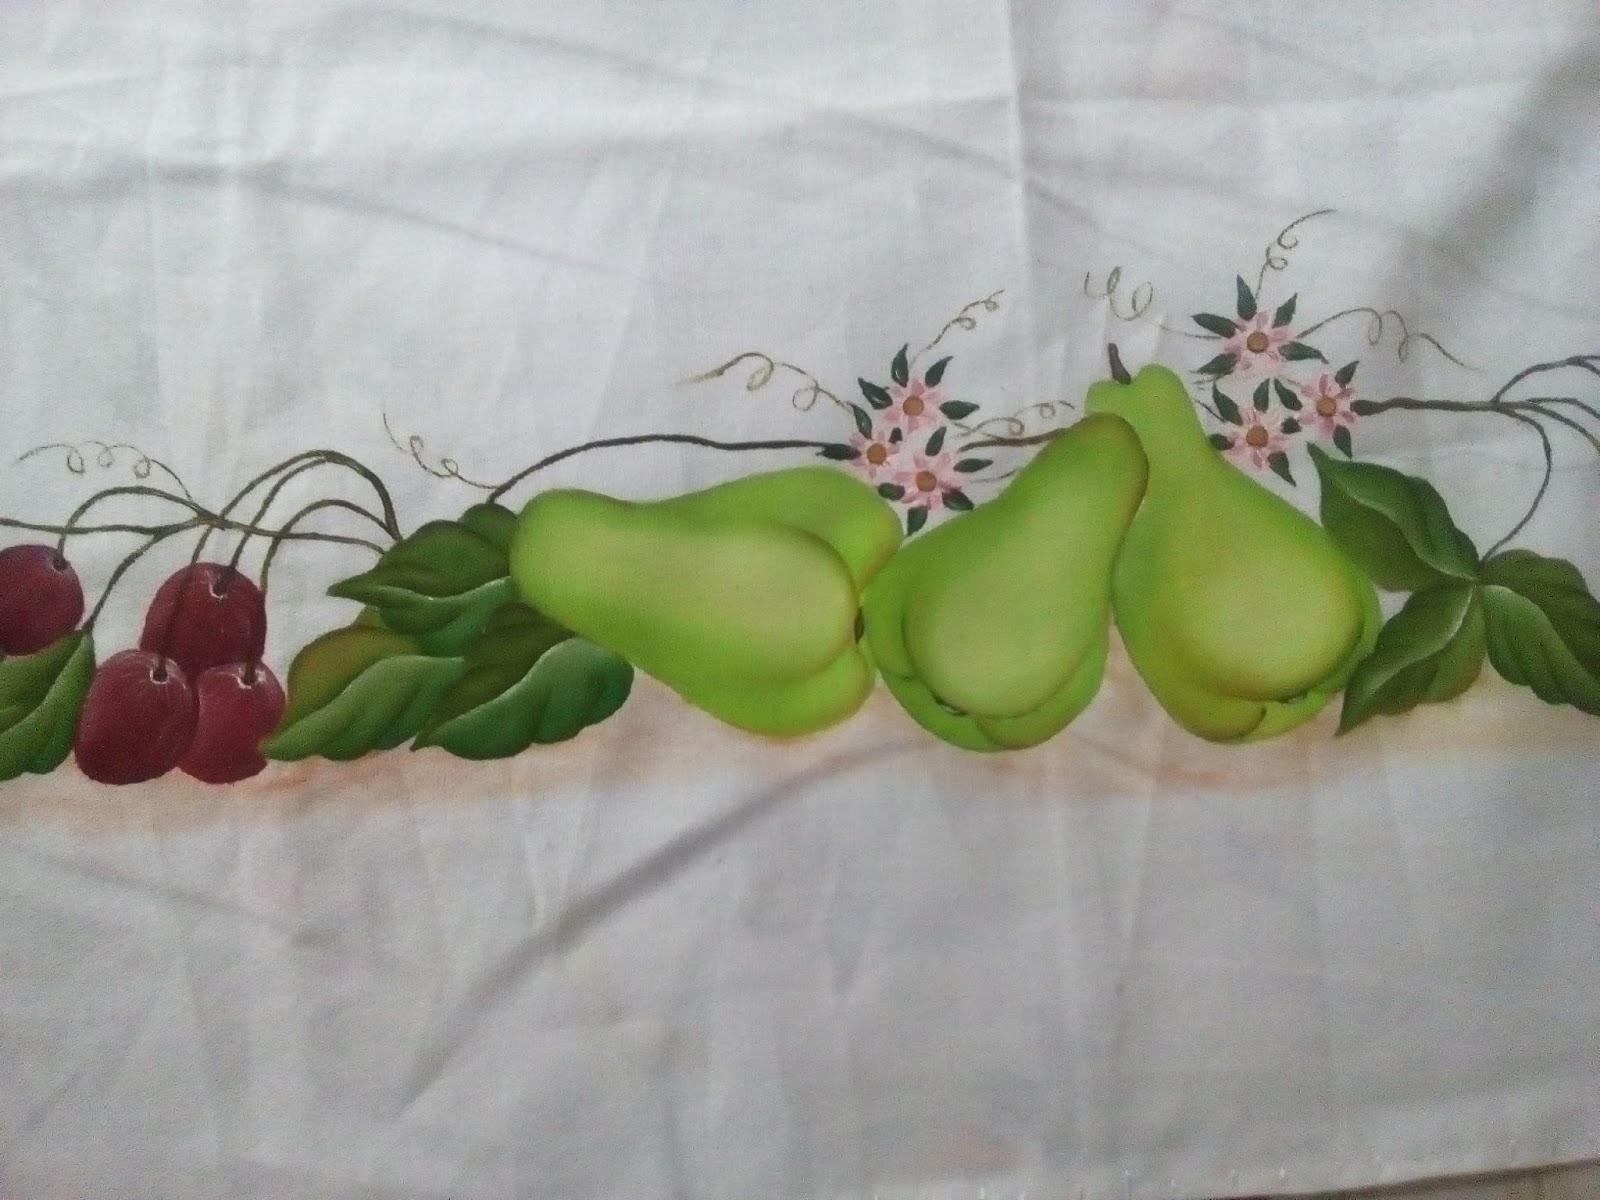 Arte en tela: pintura, bordados y tejidos. Perú: 2016